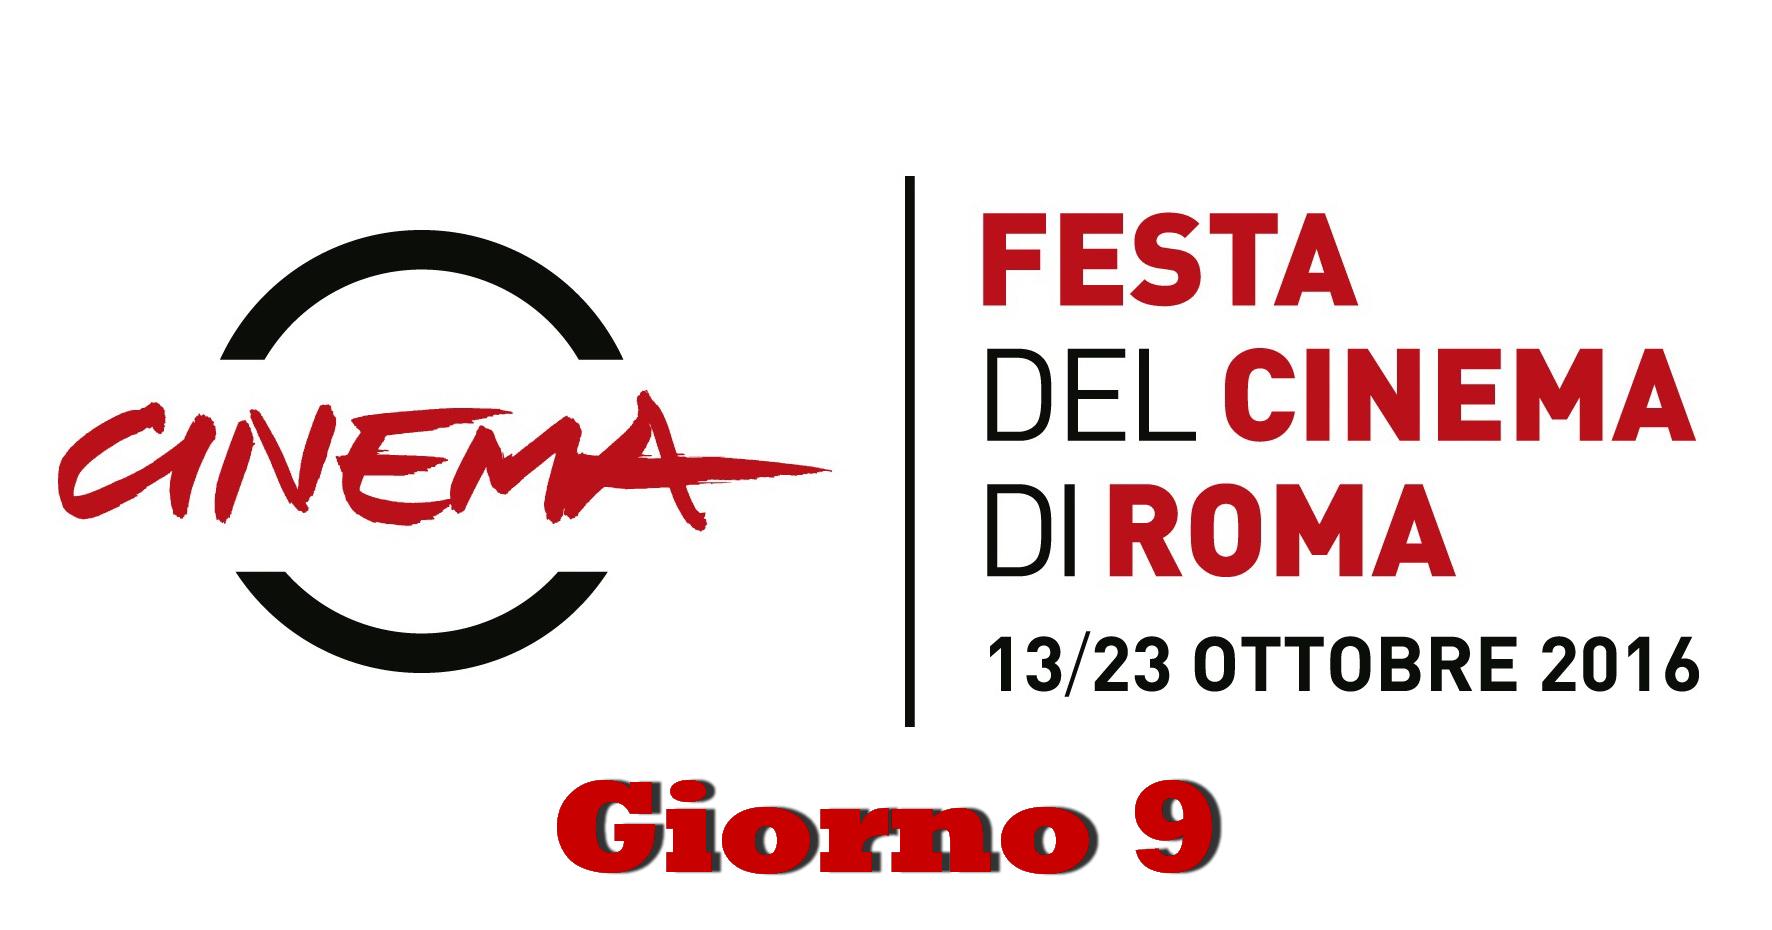 La Festa del Cinema di Roma si avvia verso la conclusione coni primi responsi,i premi della sezione Alice nella città. Sono stati infatti i film Kicks, opera prima del regista […]